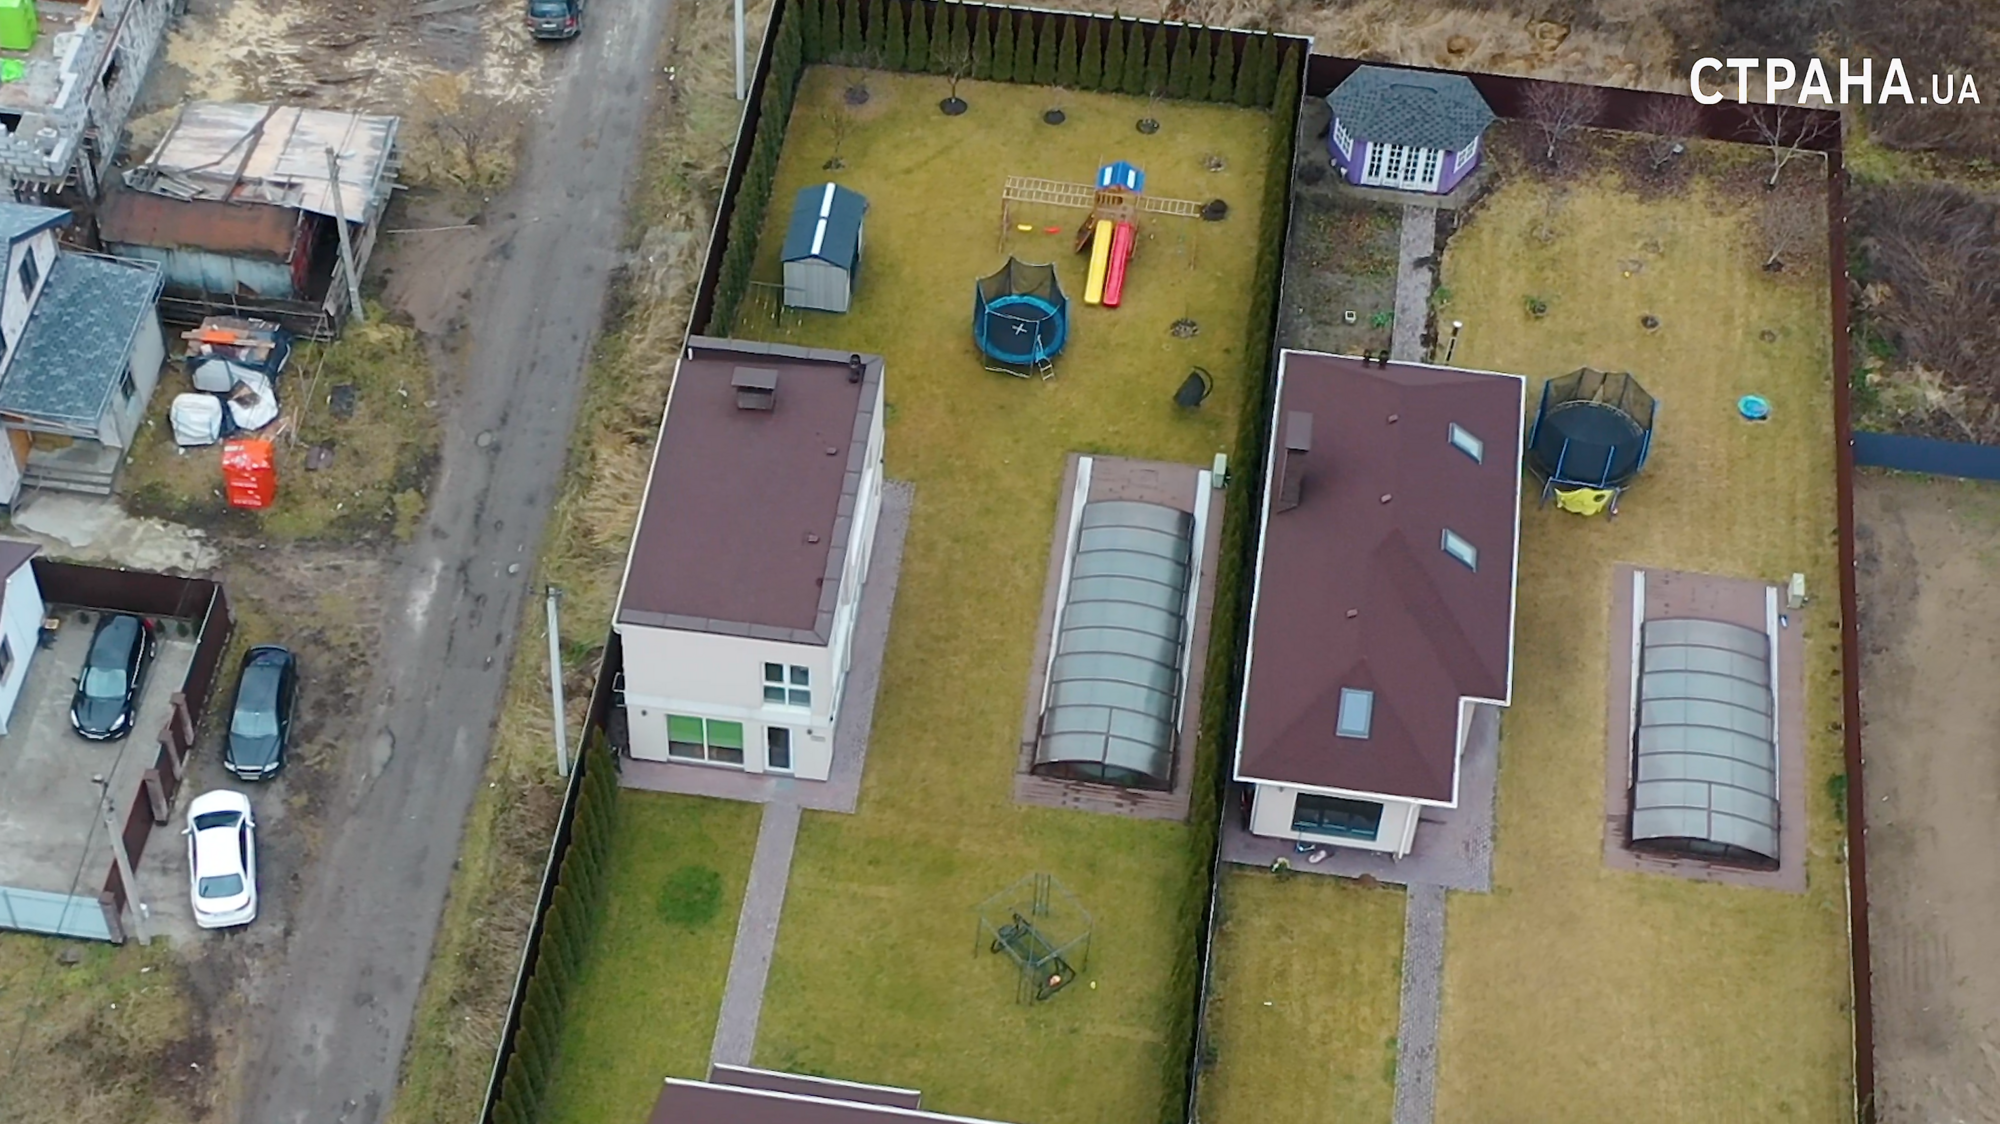 На заднем дворе дома есть бассейн и дестская площадка